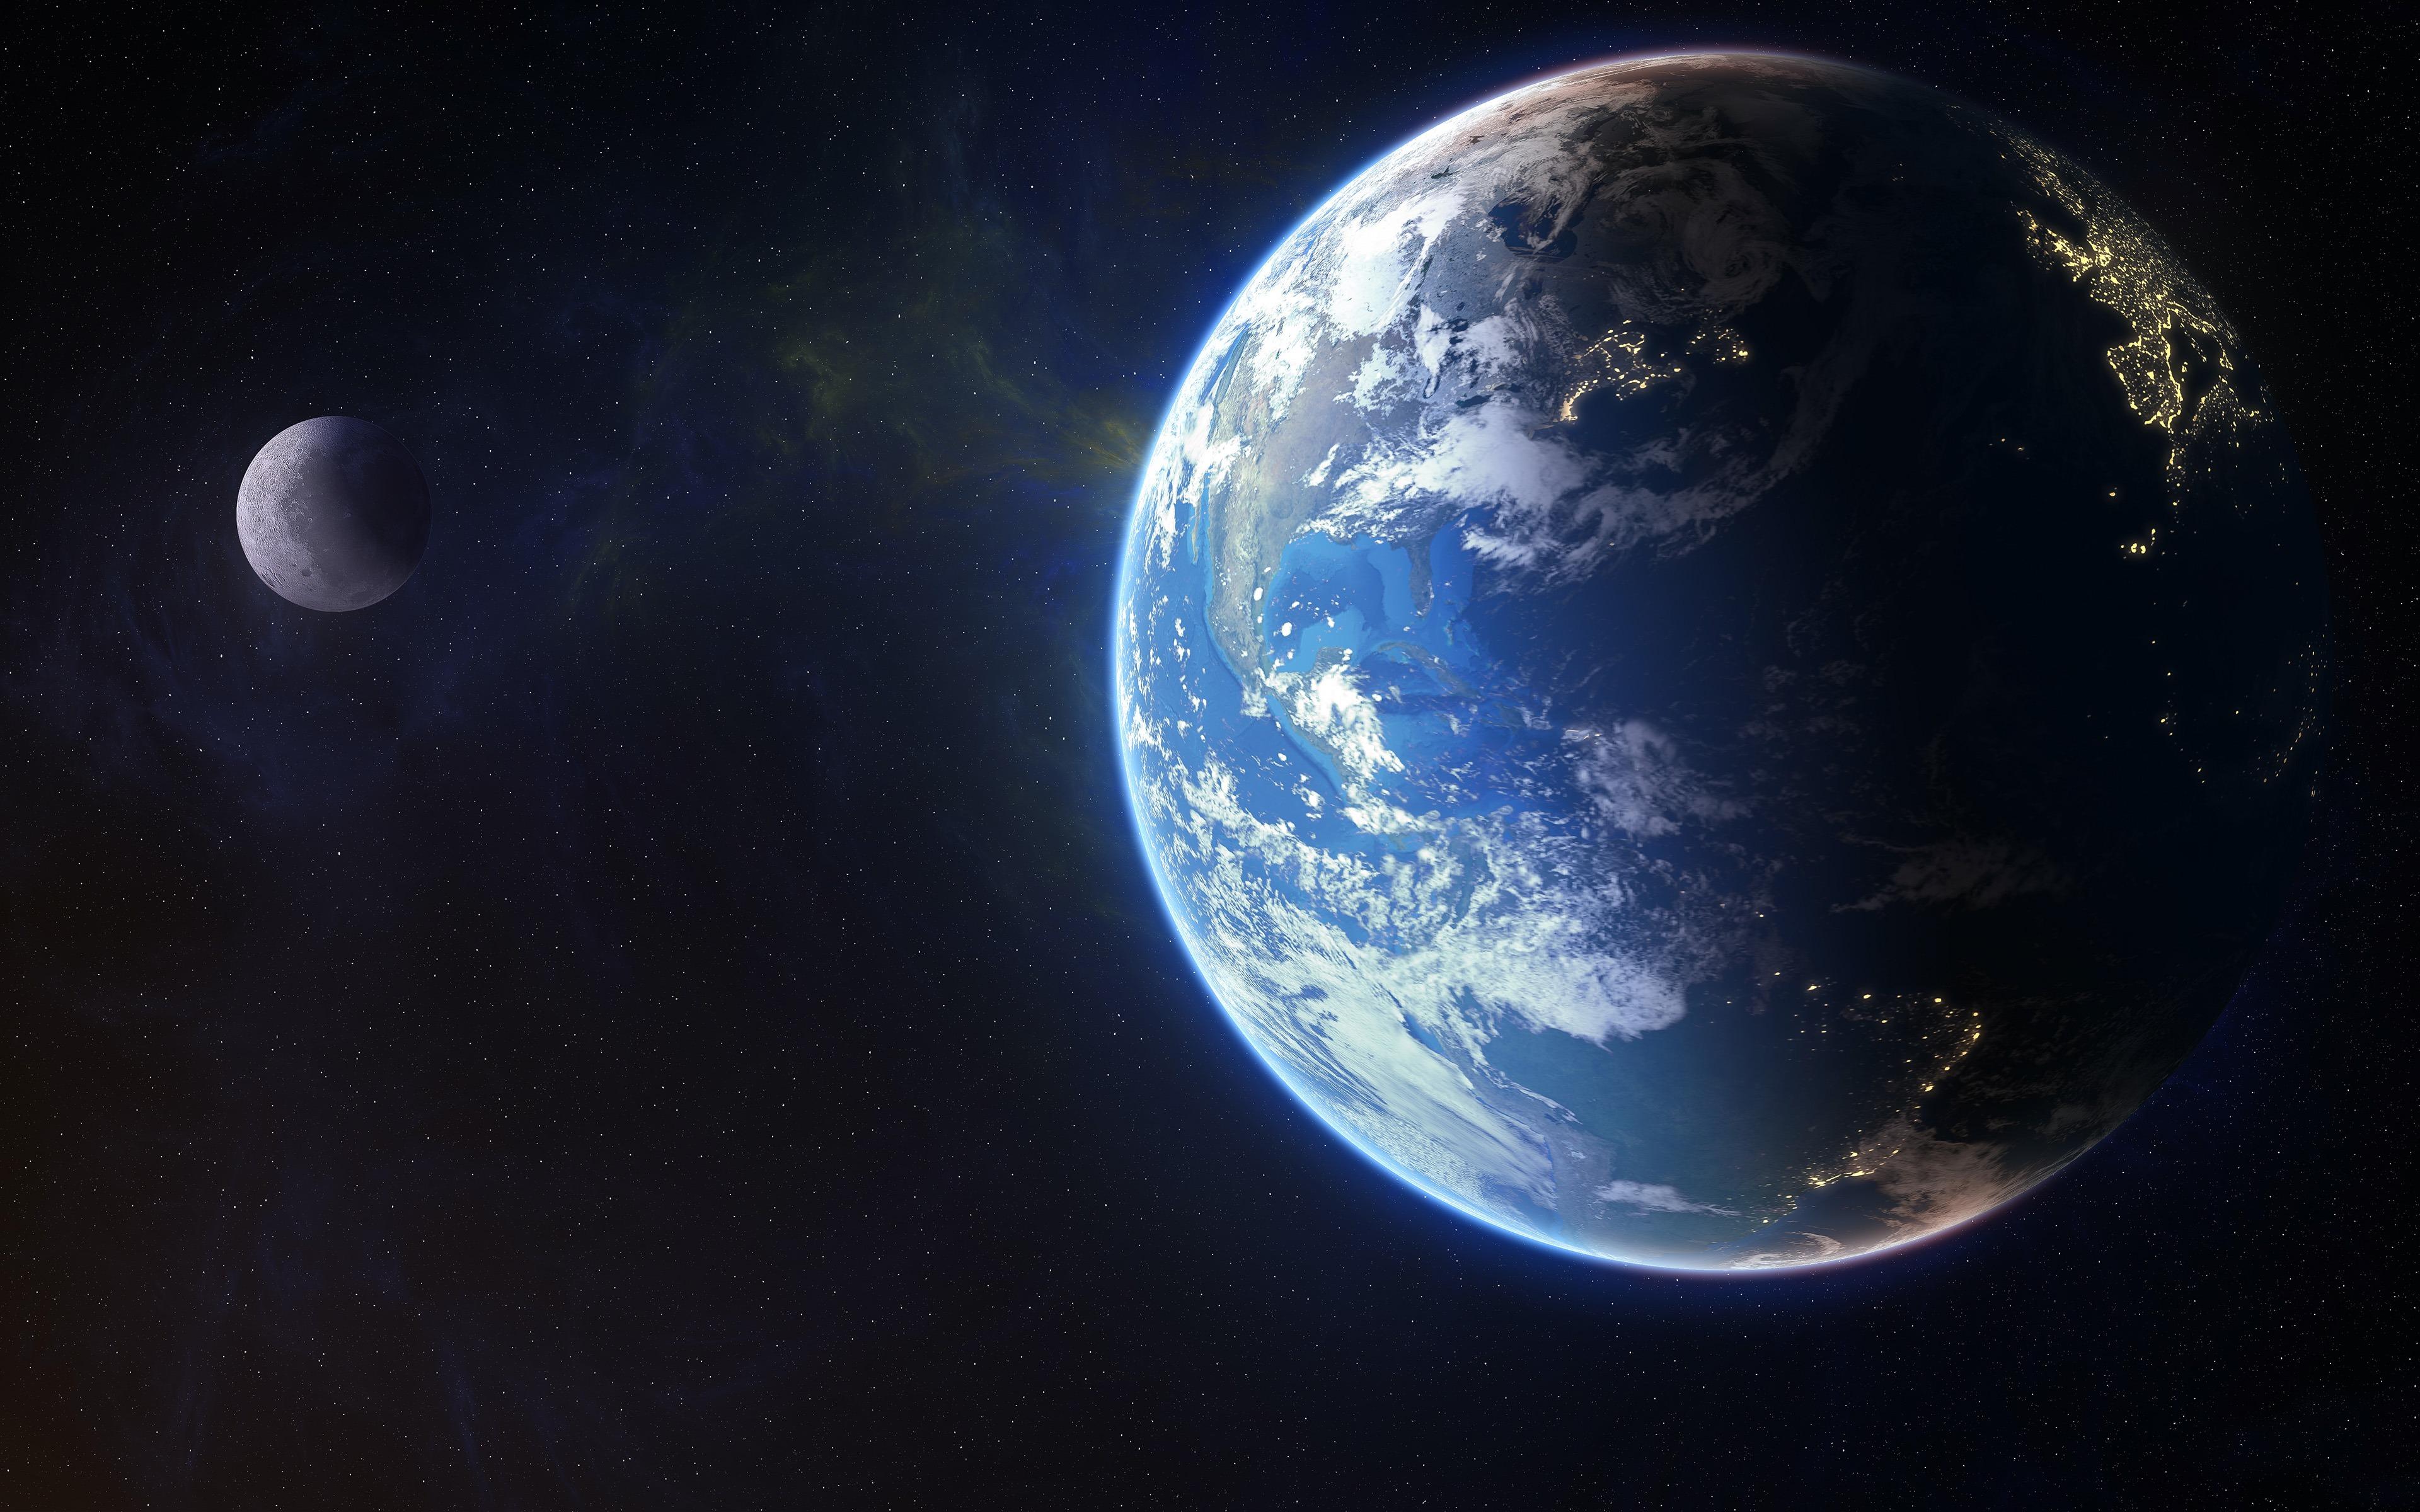 2014年日历壁纸_星,宇宙,地球,月球,HD,空间预览 | 10wallpaper.com